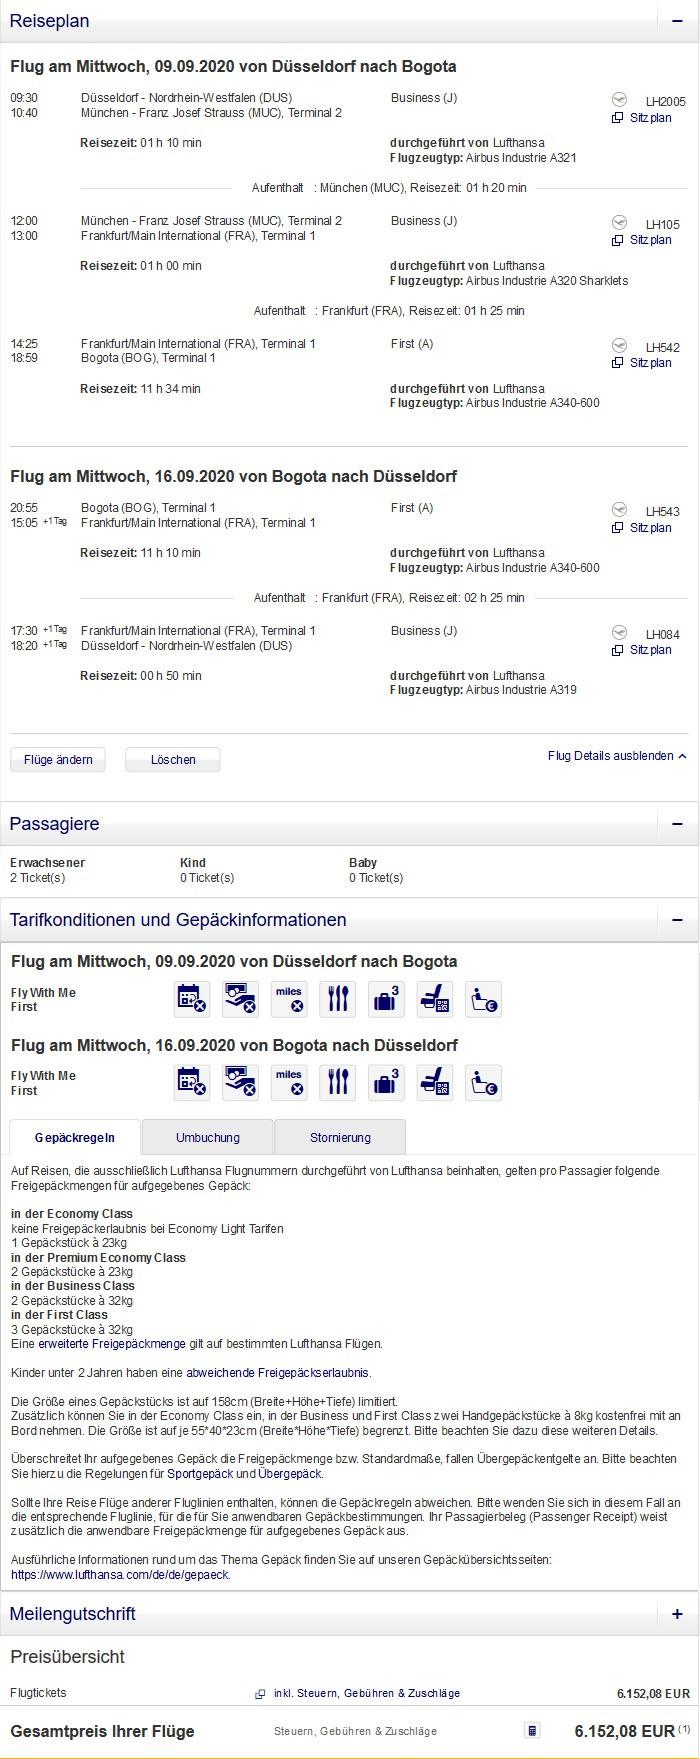 Preisbeispiel für Partnertarif von Düsseldorf nach Bogota in der Lufthansa First-Class